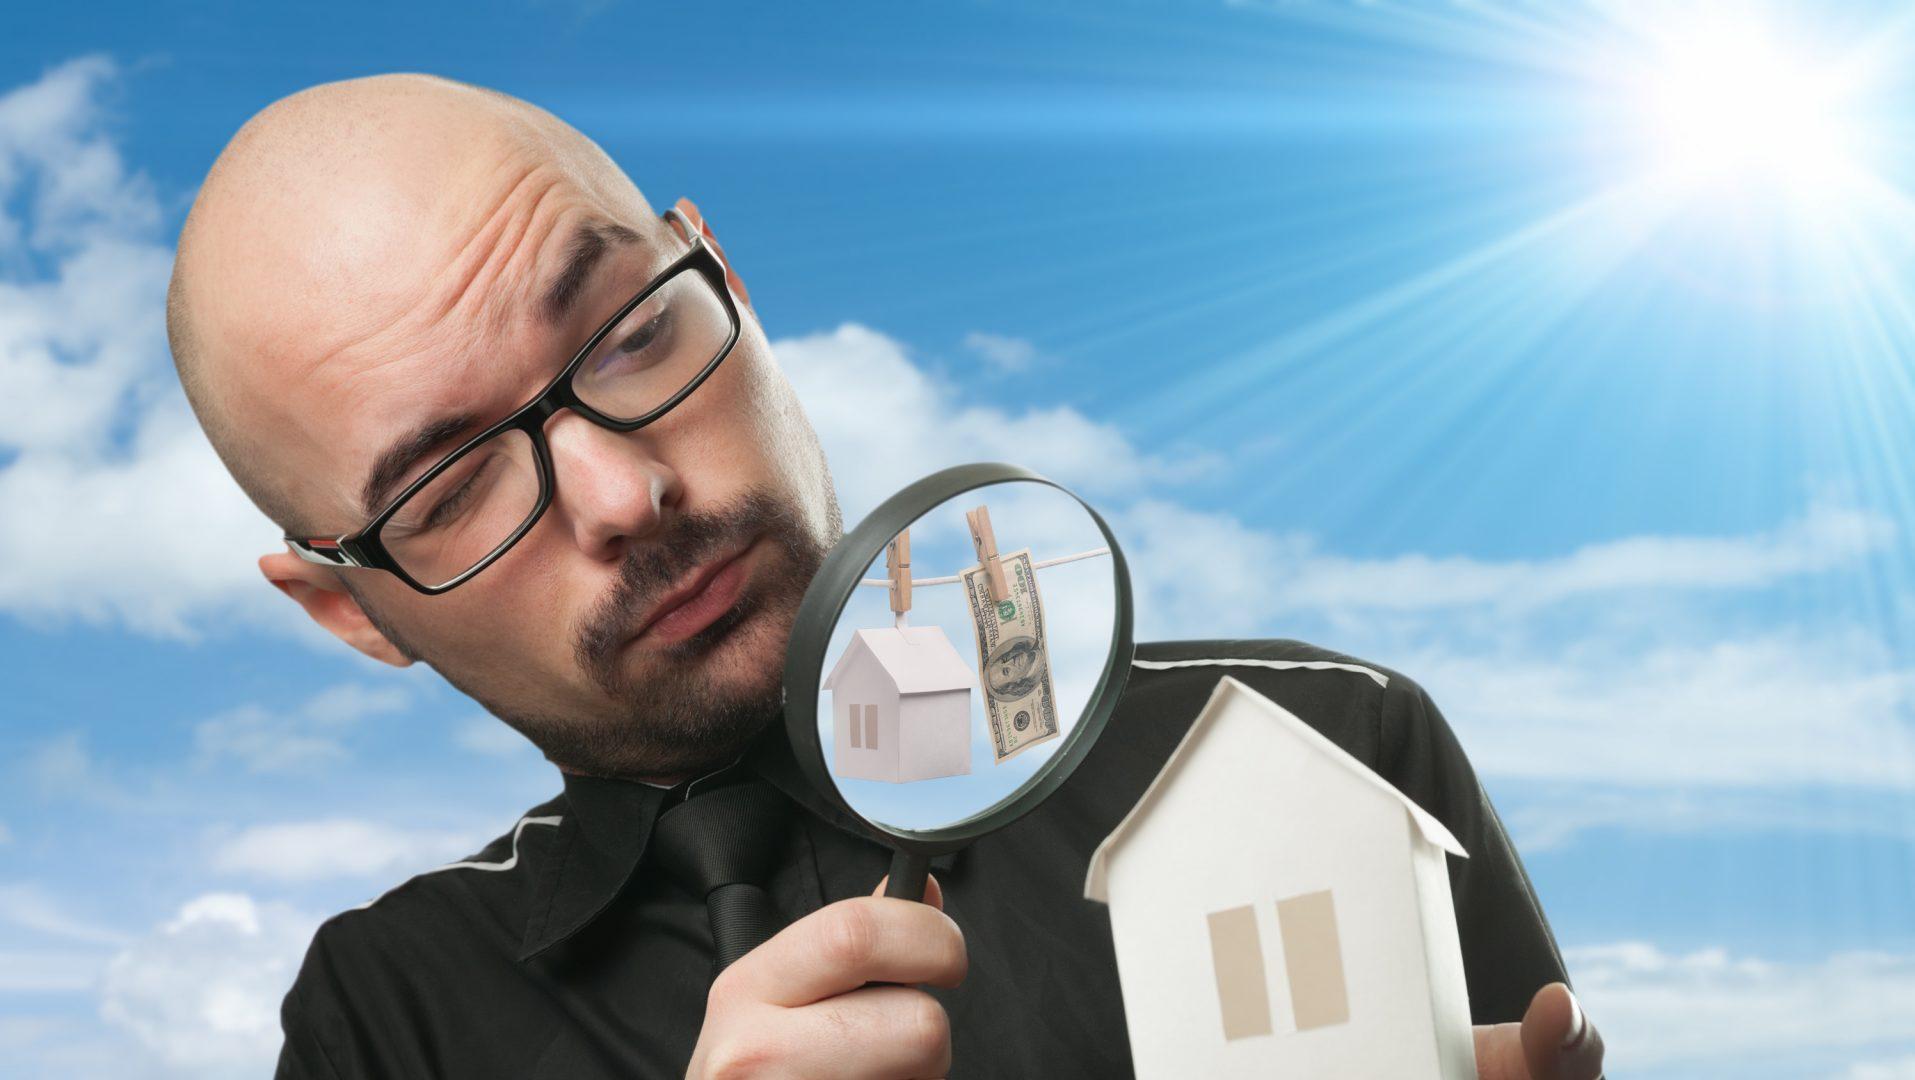 Windsor Home Evaluation